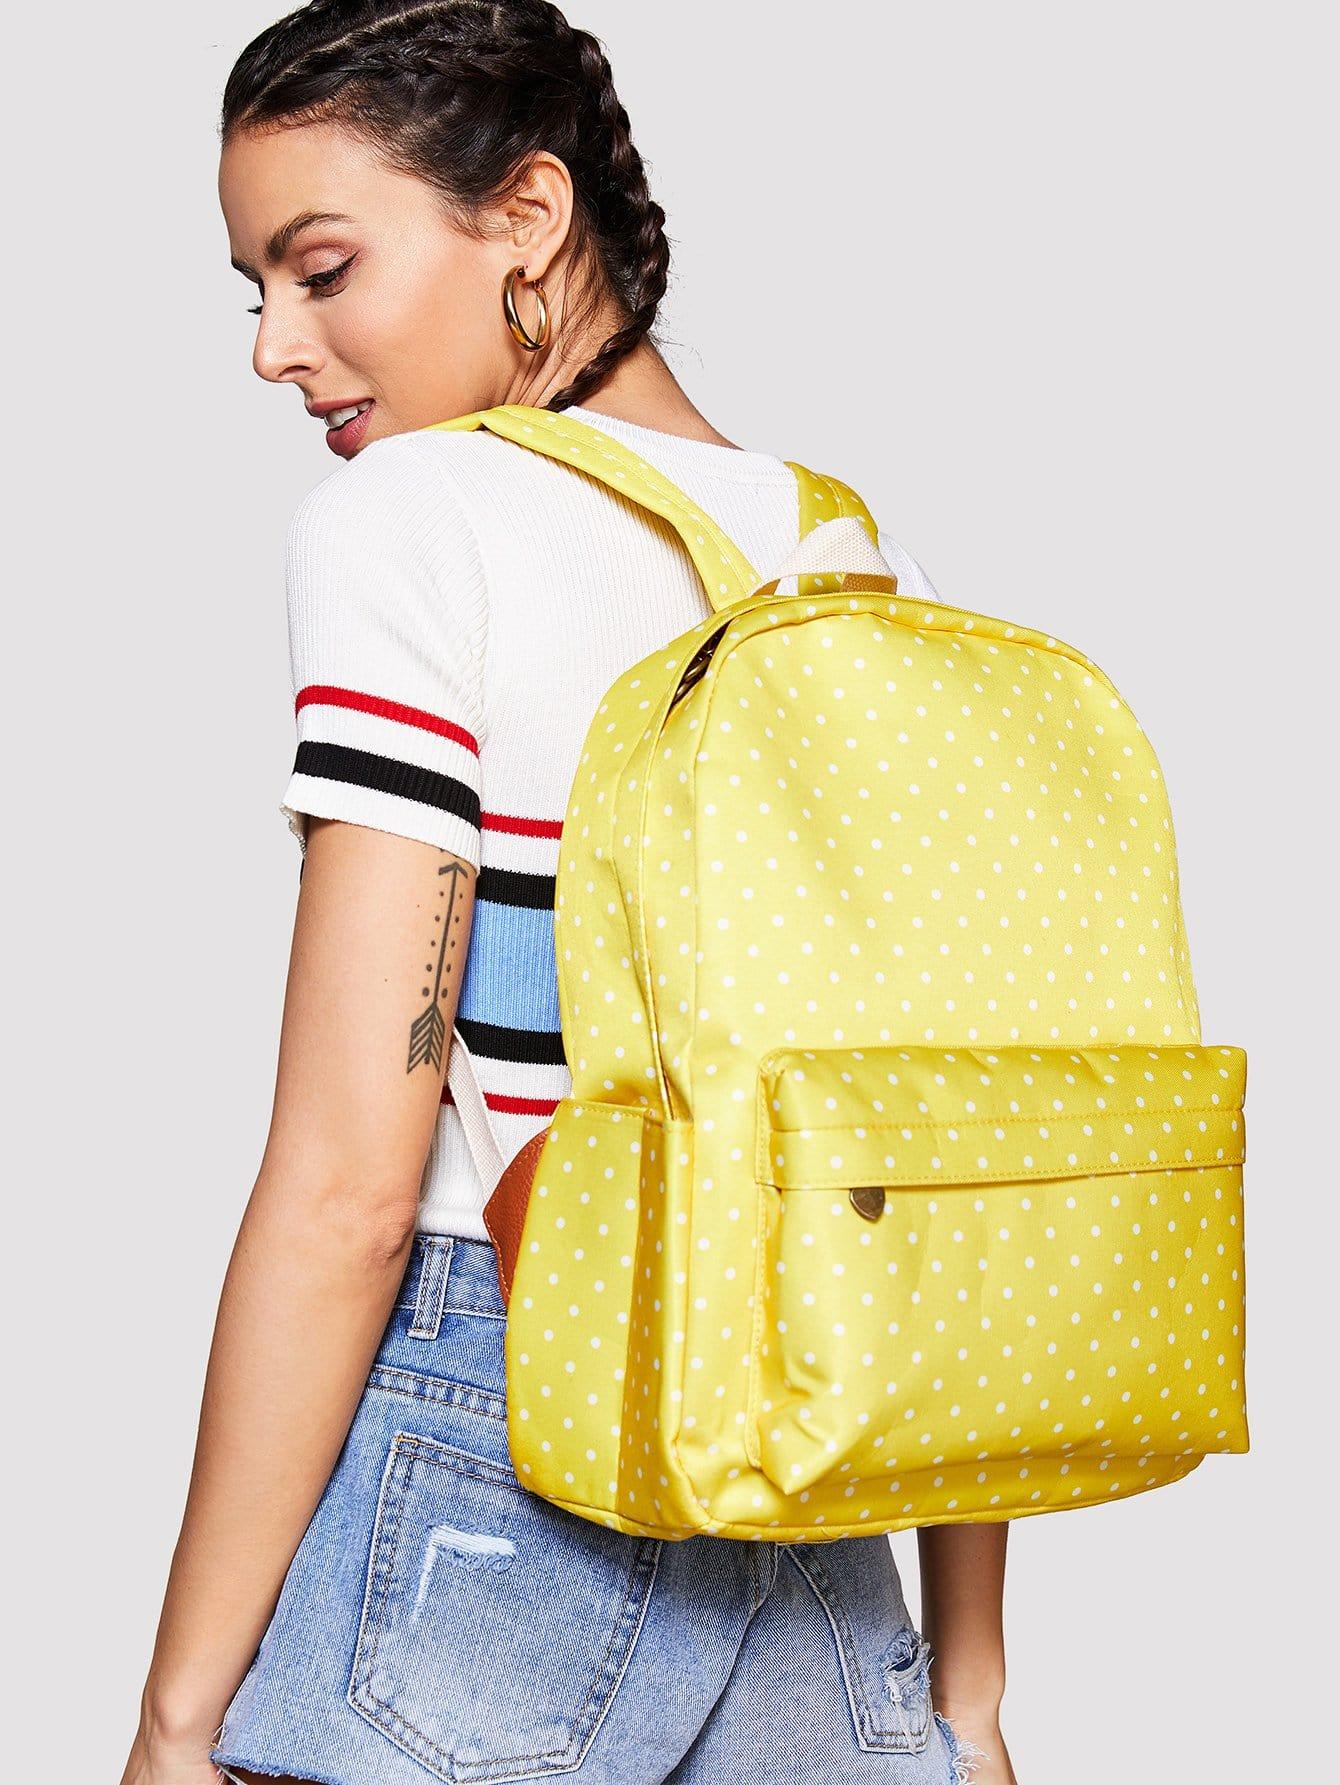 Polka Dot Backpack polka dot backpack